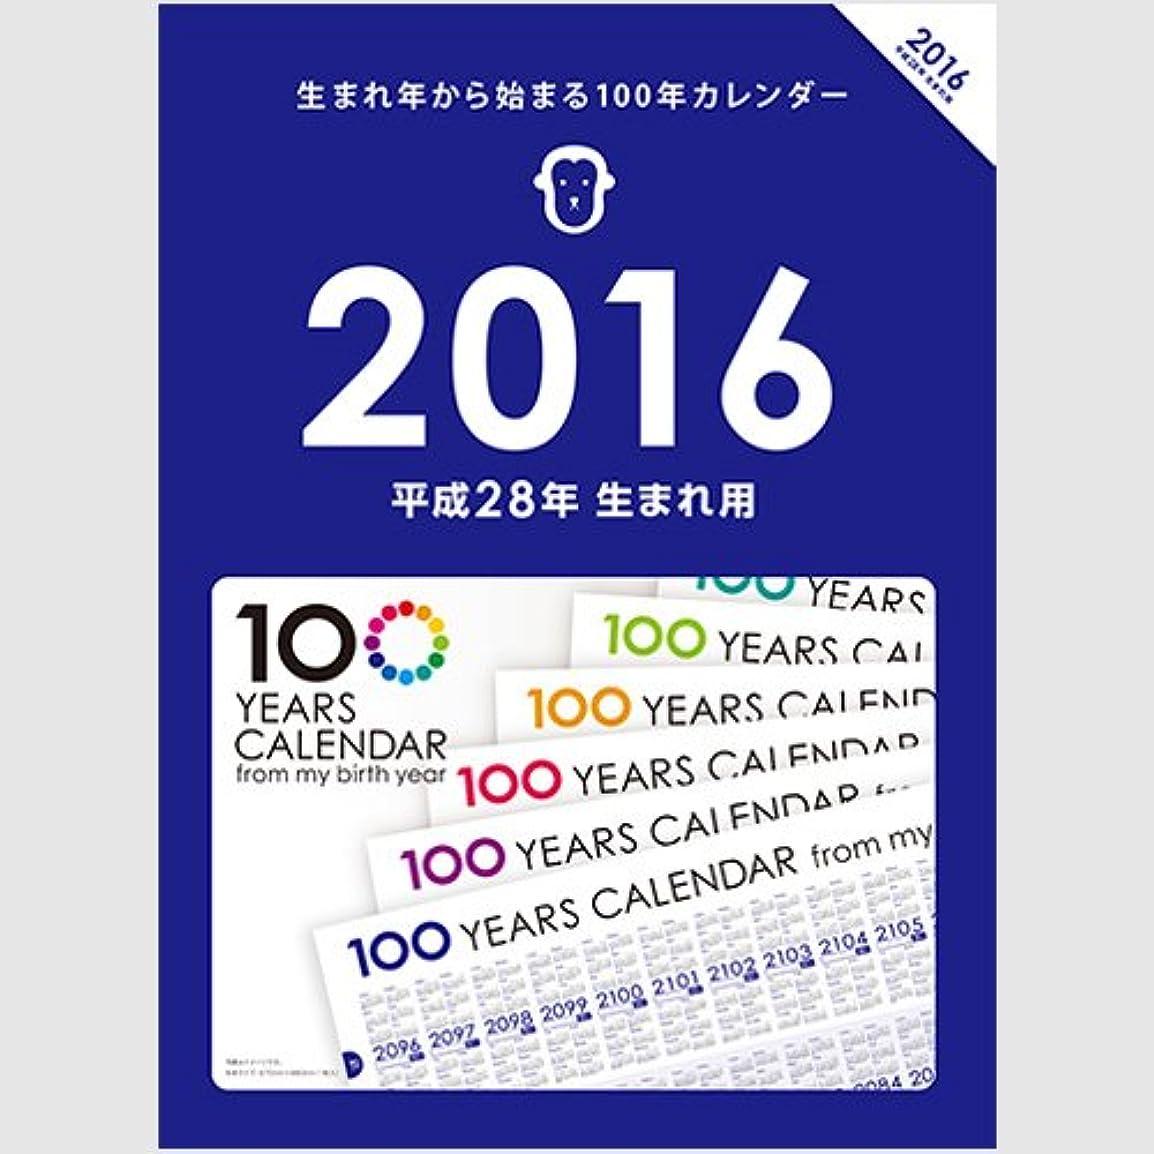 日食マート国内の生まれ年から始まる100年カレンダーシリーズ 2016年生まれ用(平成28年生まれ用)